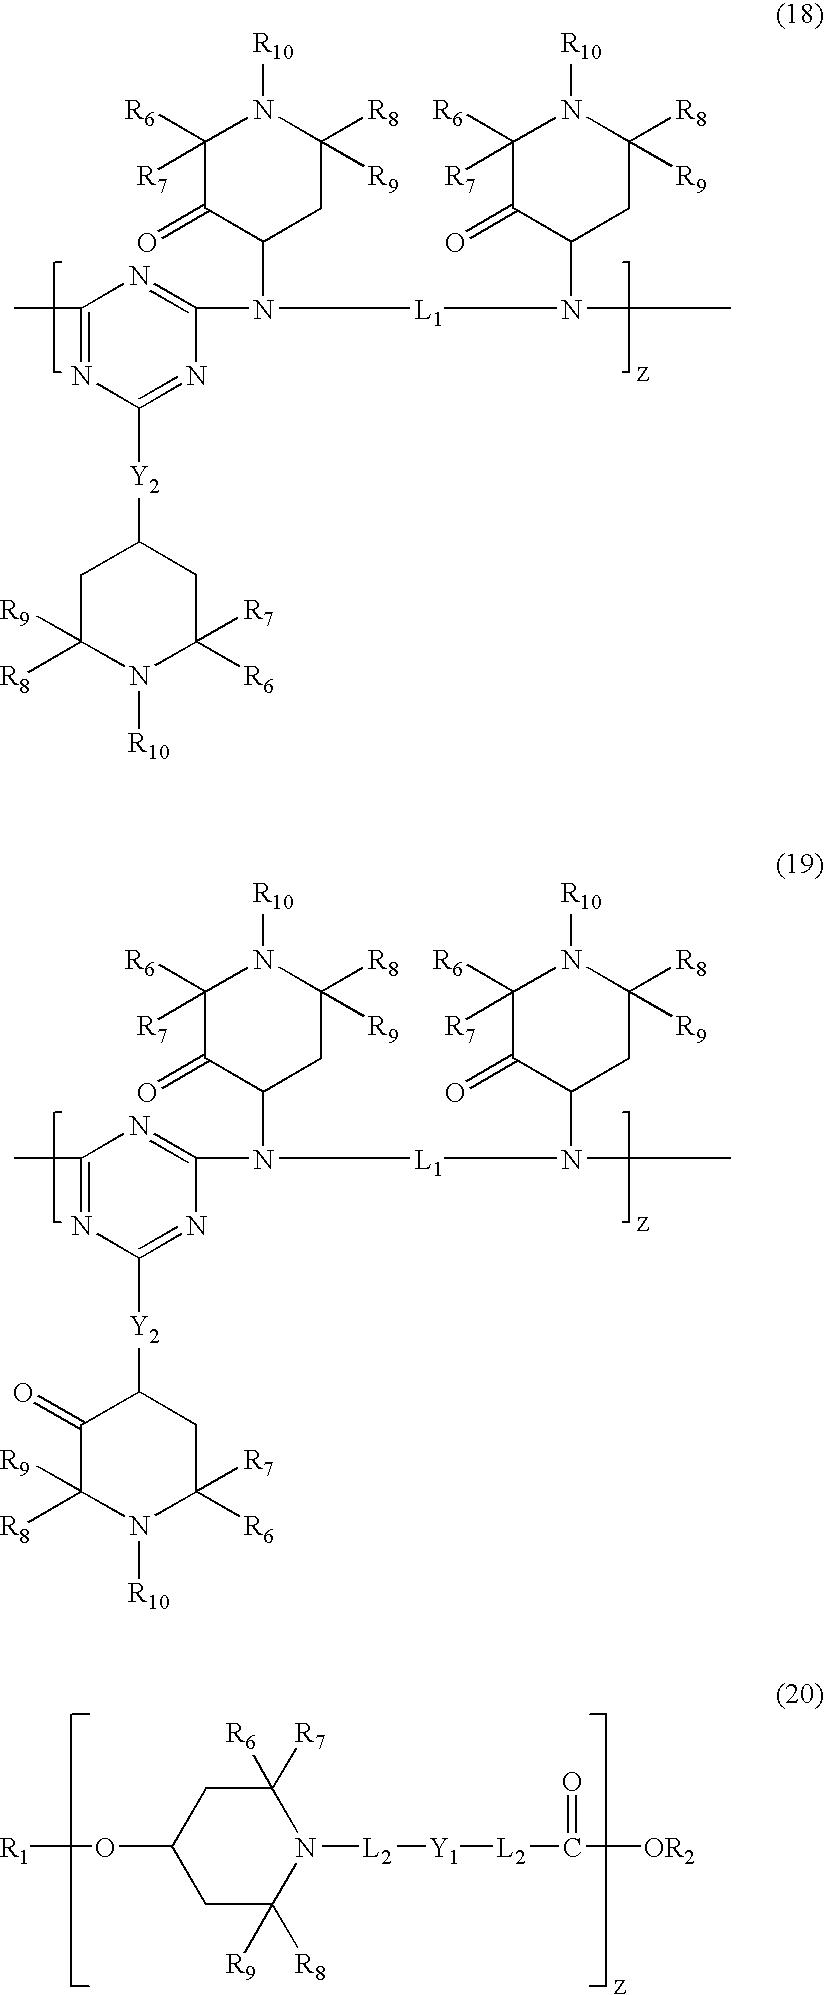 Figure US20040143041A1-20040722-C00050